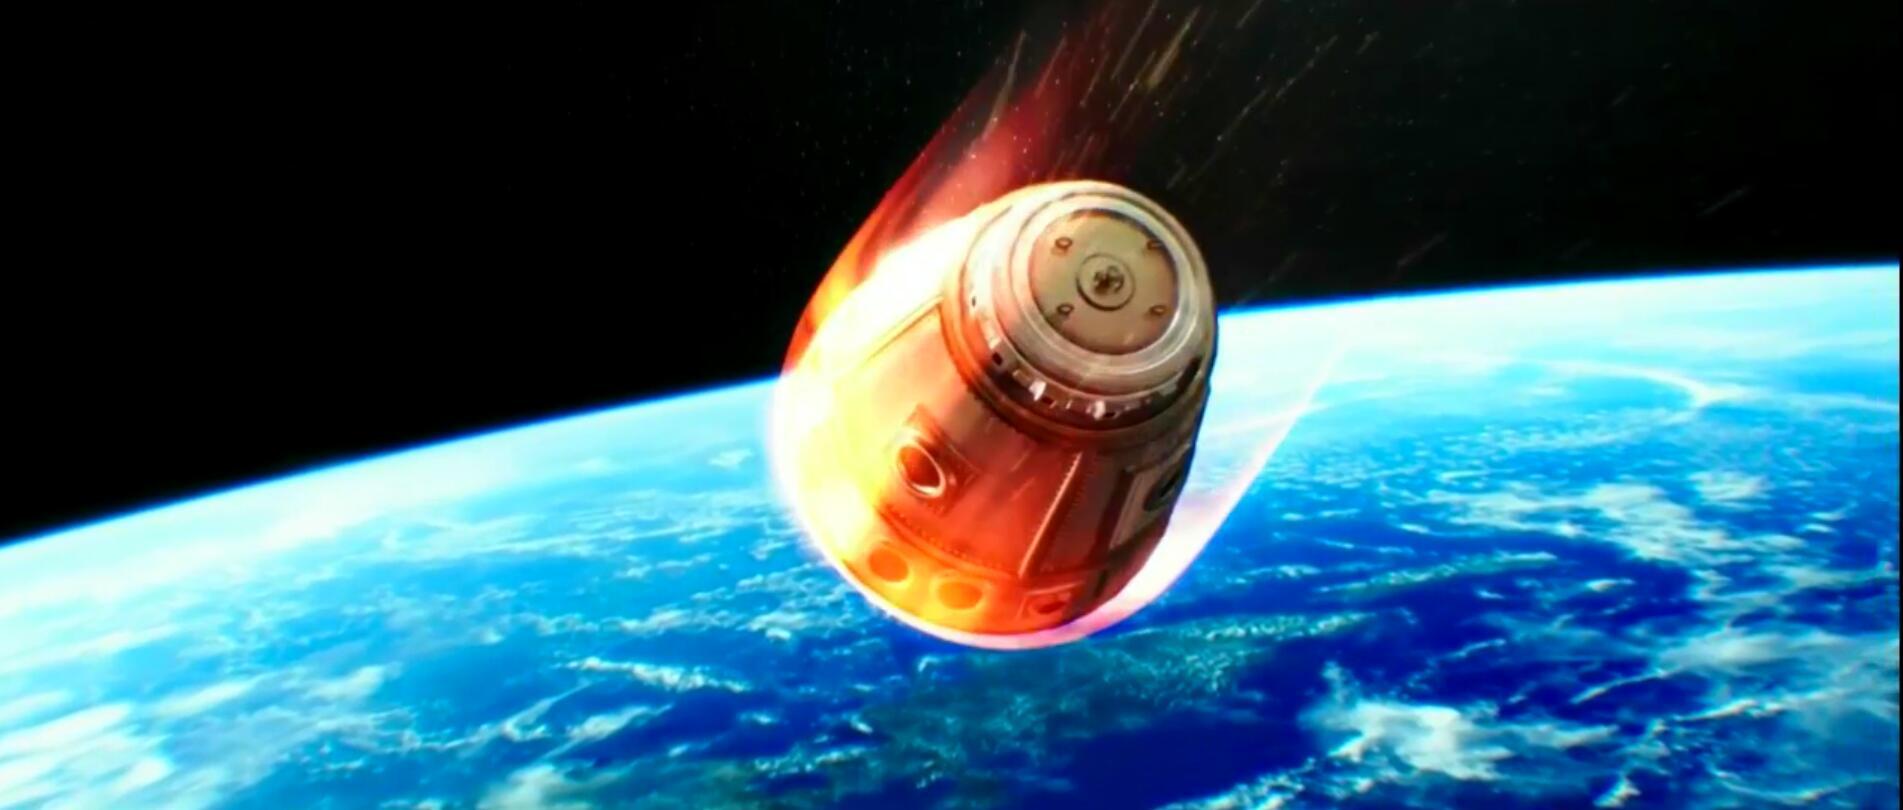 #电影最前线#魔术师拯救4000万人,200吨核弹炸小行星!